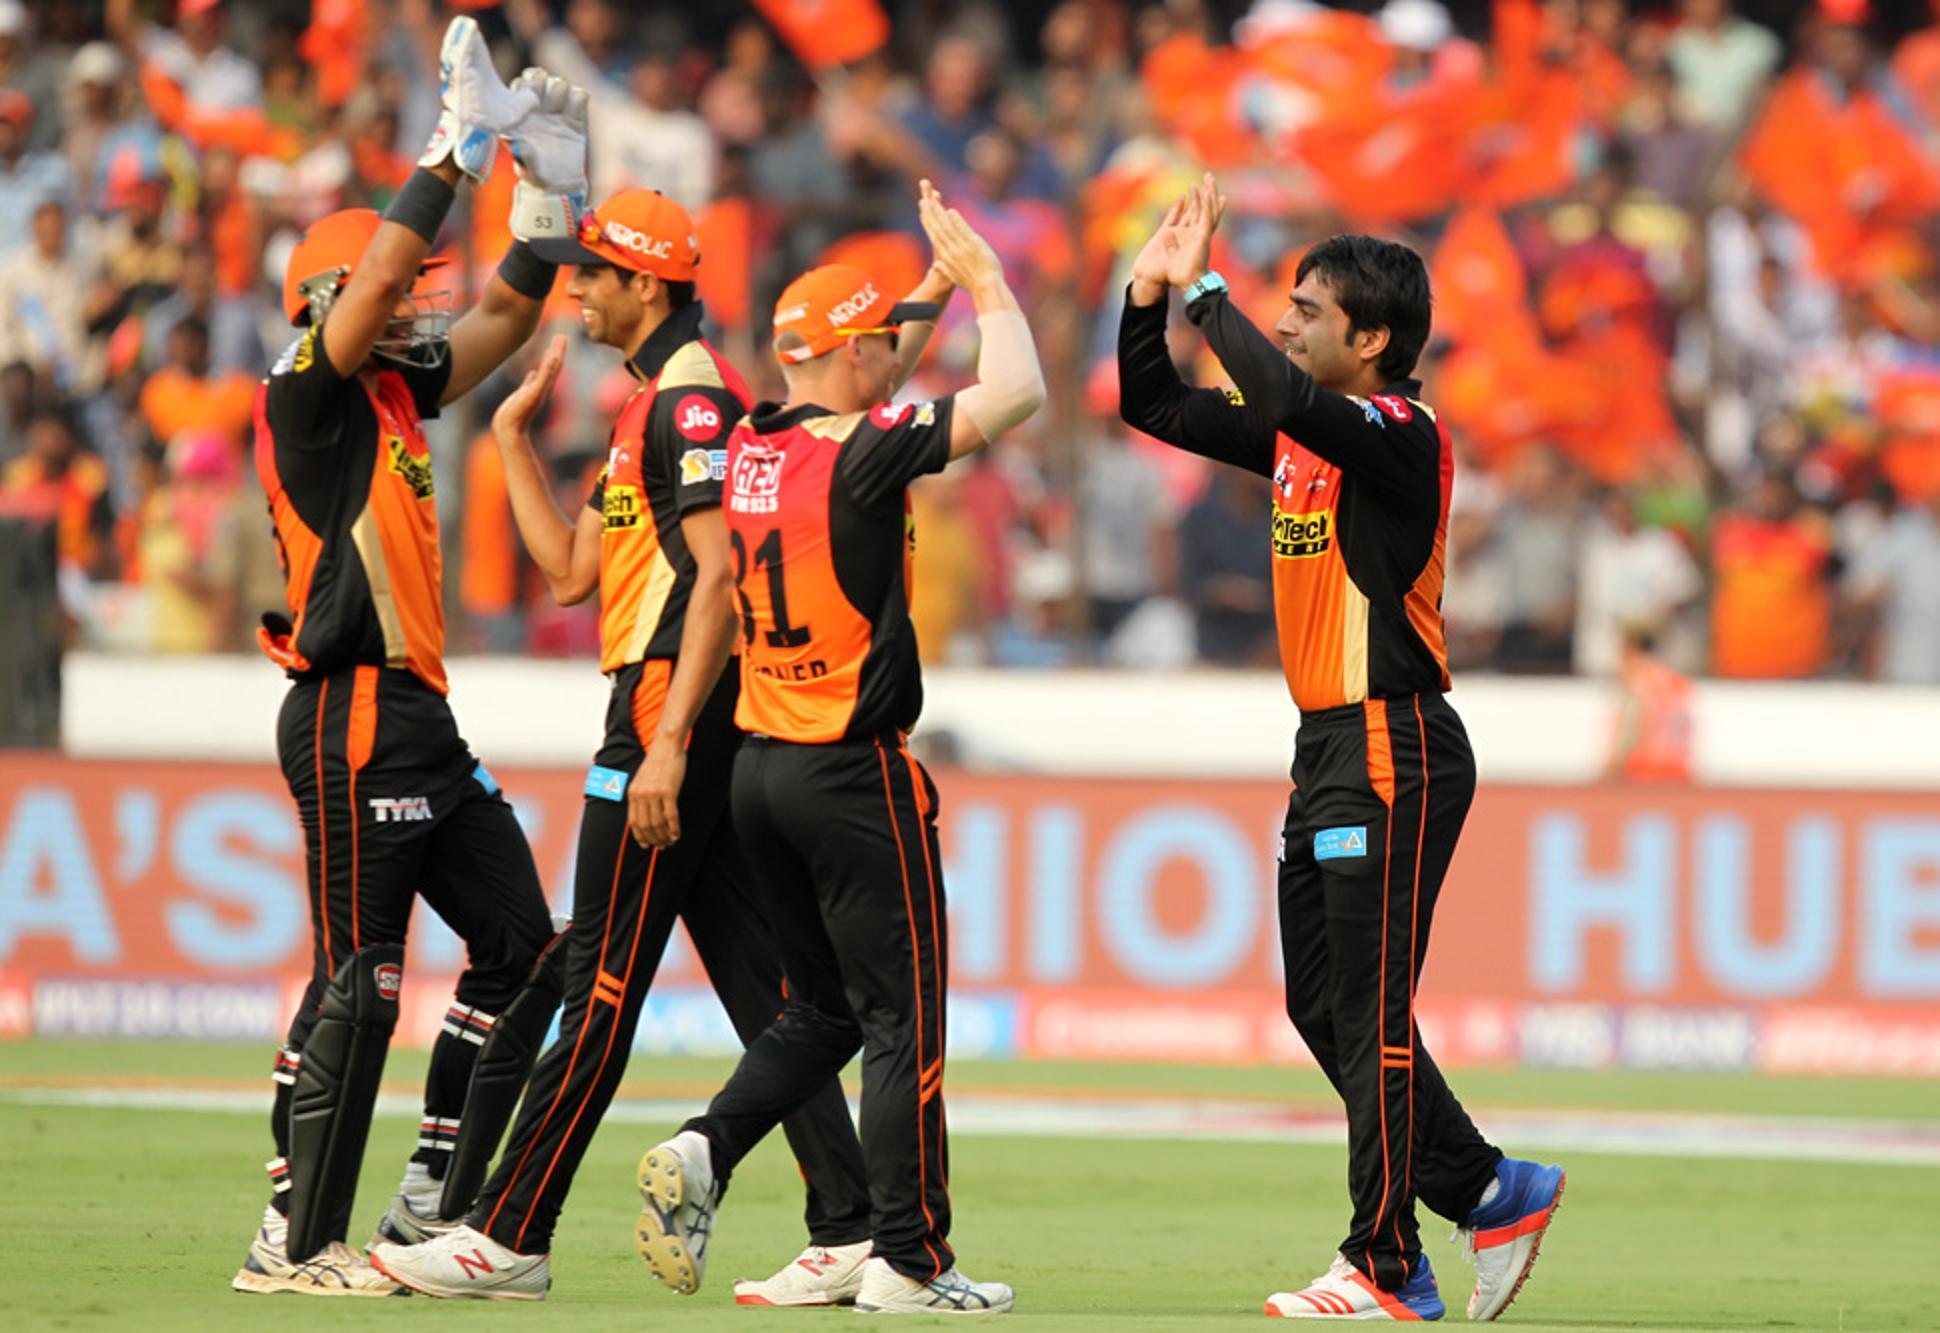 SRH V GL: दो मैचों में केवल एक ही विकेट हासिल कर पाने वाली गुजरात लायंस का लोगों ने जमकर उड़ाया मज़ाक